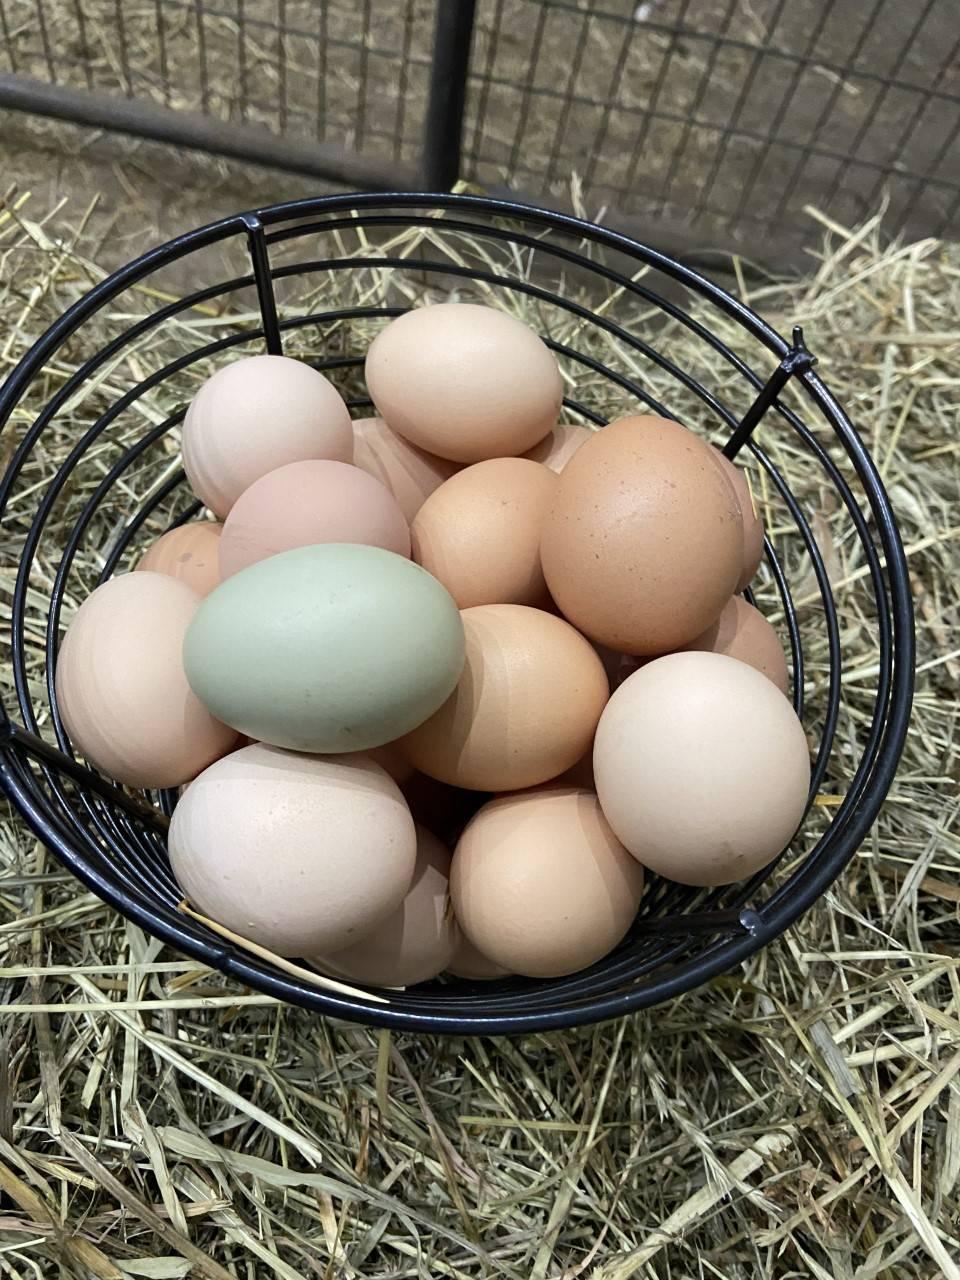 Pasture eggs, free range eggs, Arthur ON